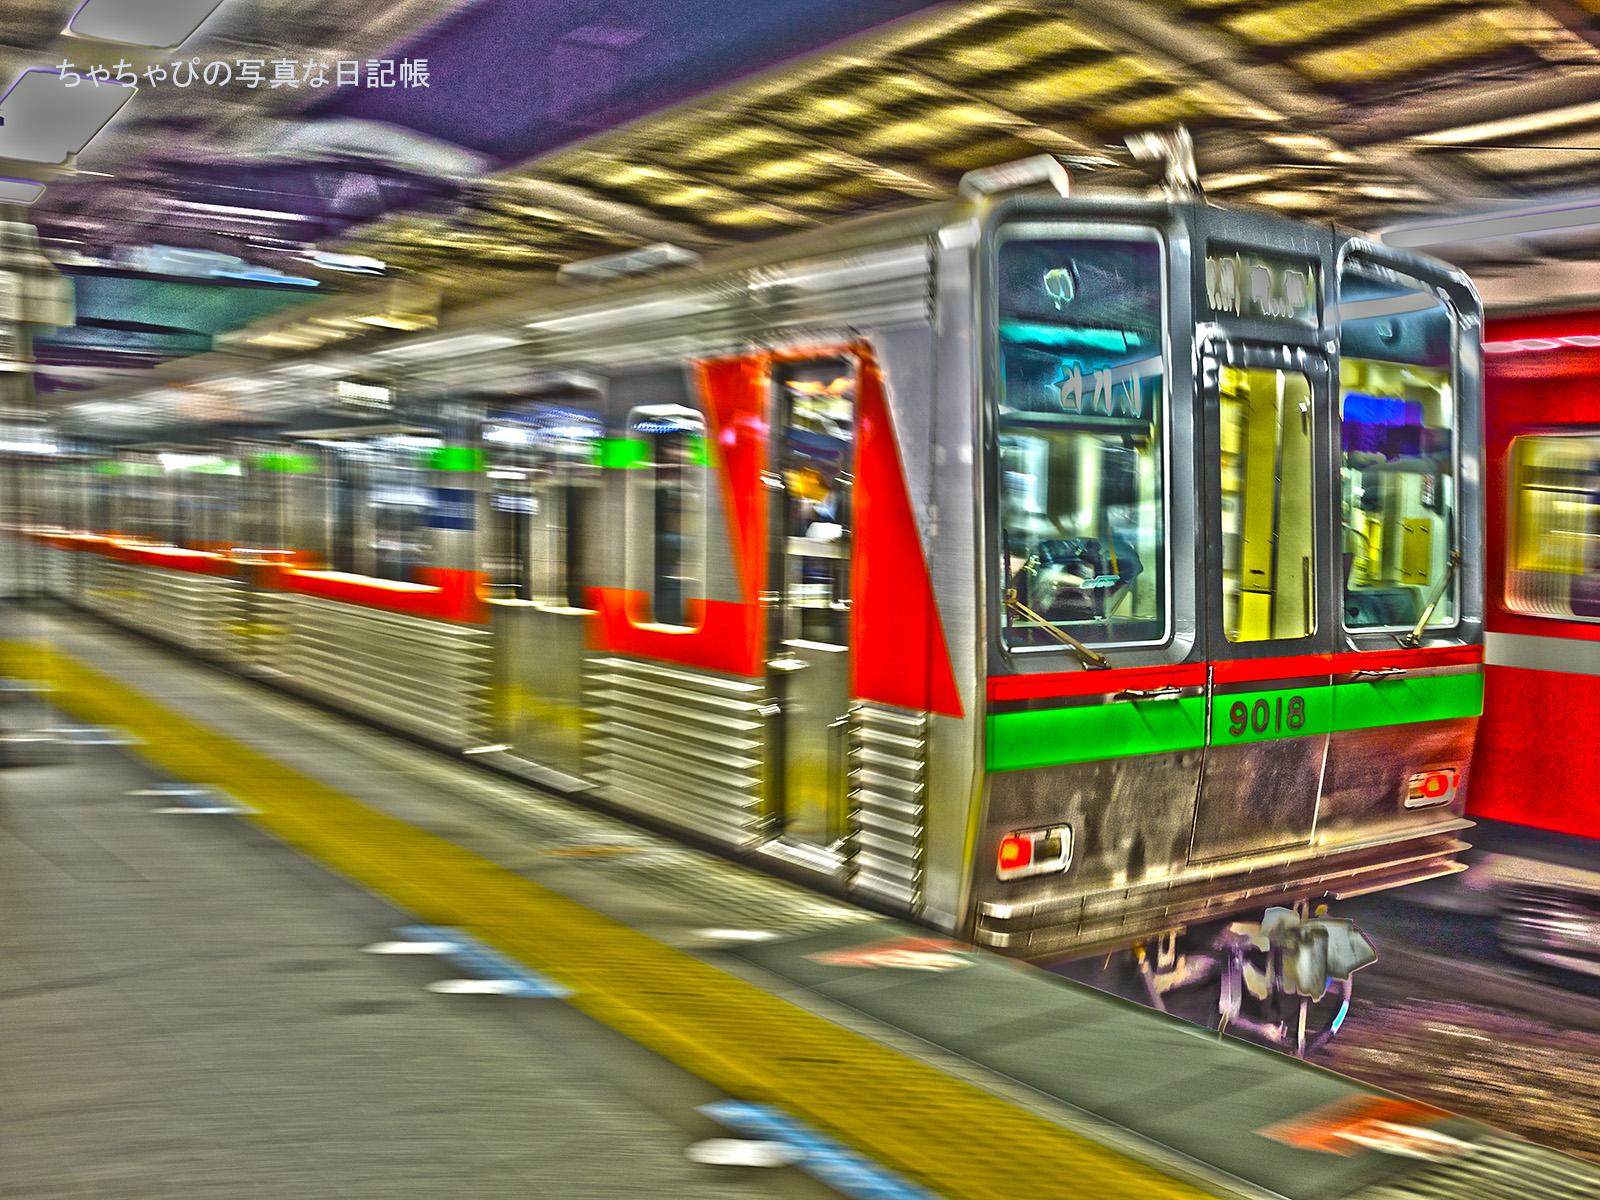 千葉ニュータウン鉄道9000形 9018編成